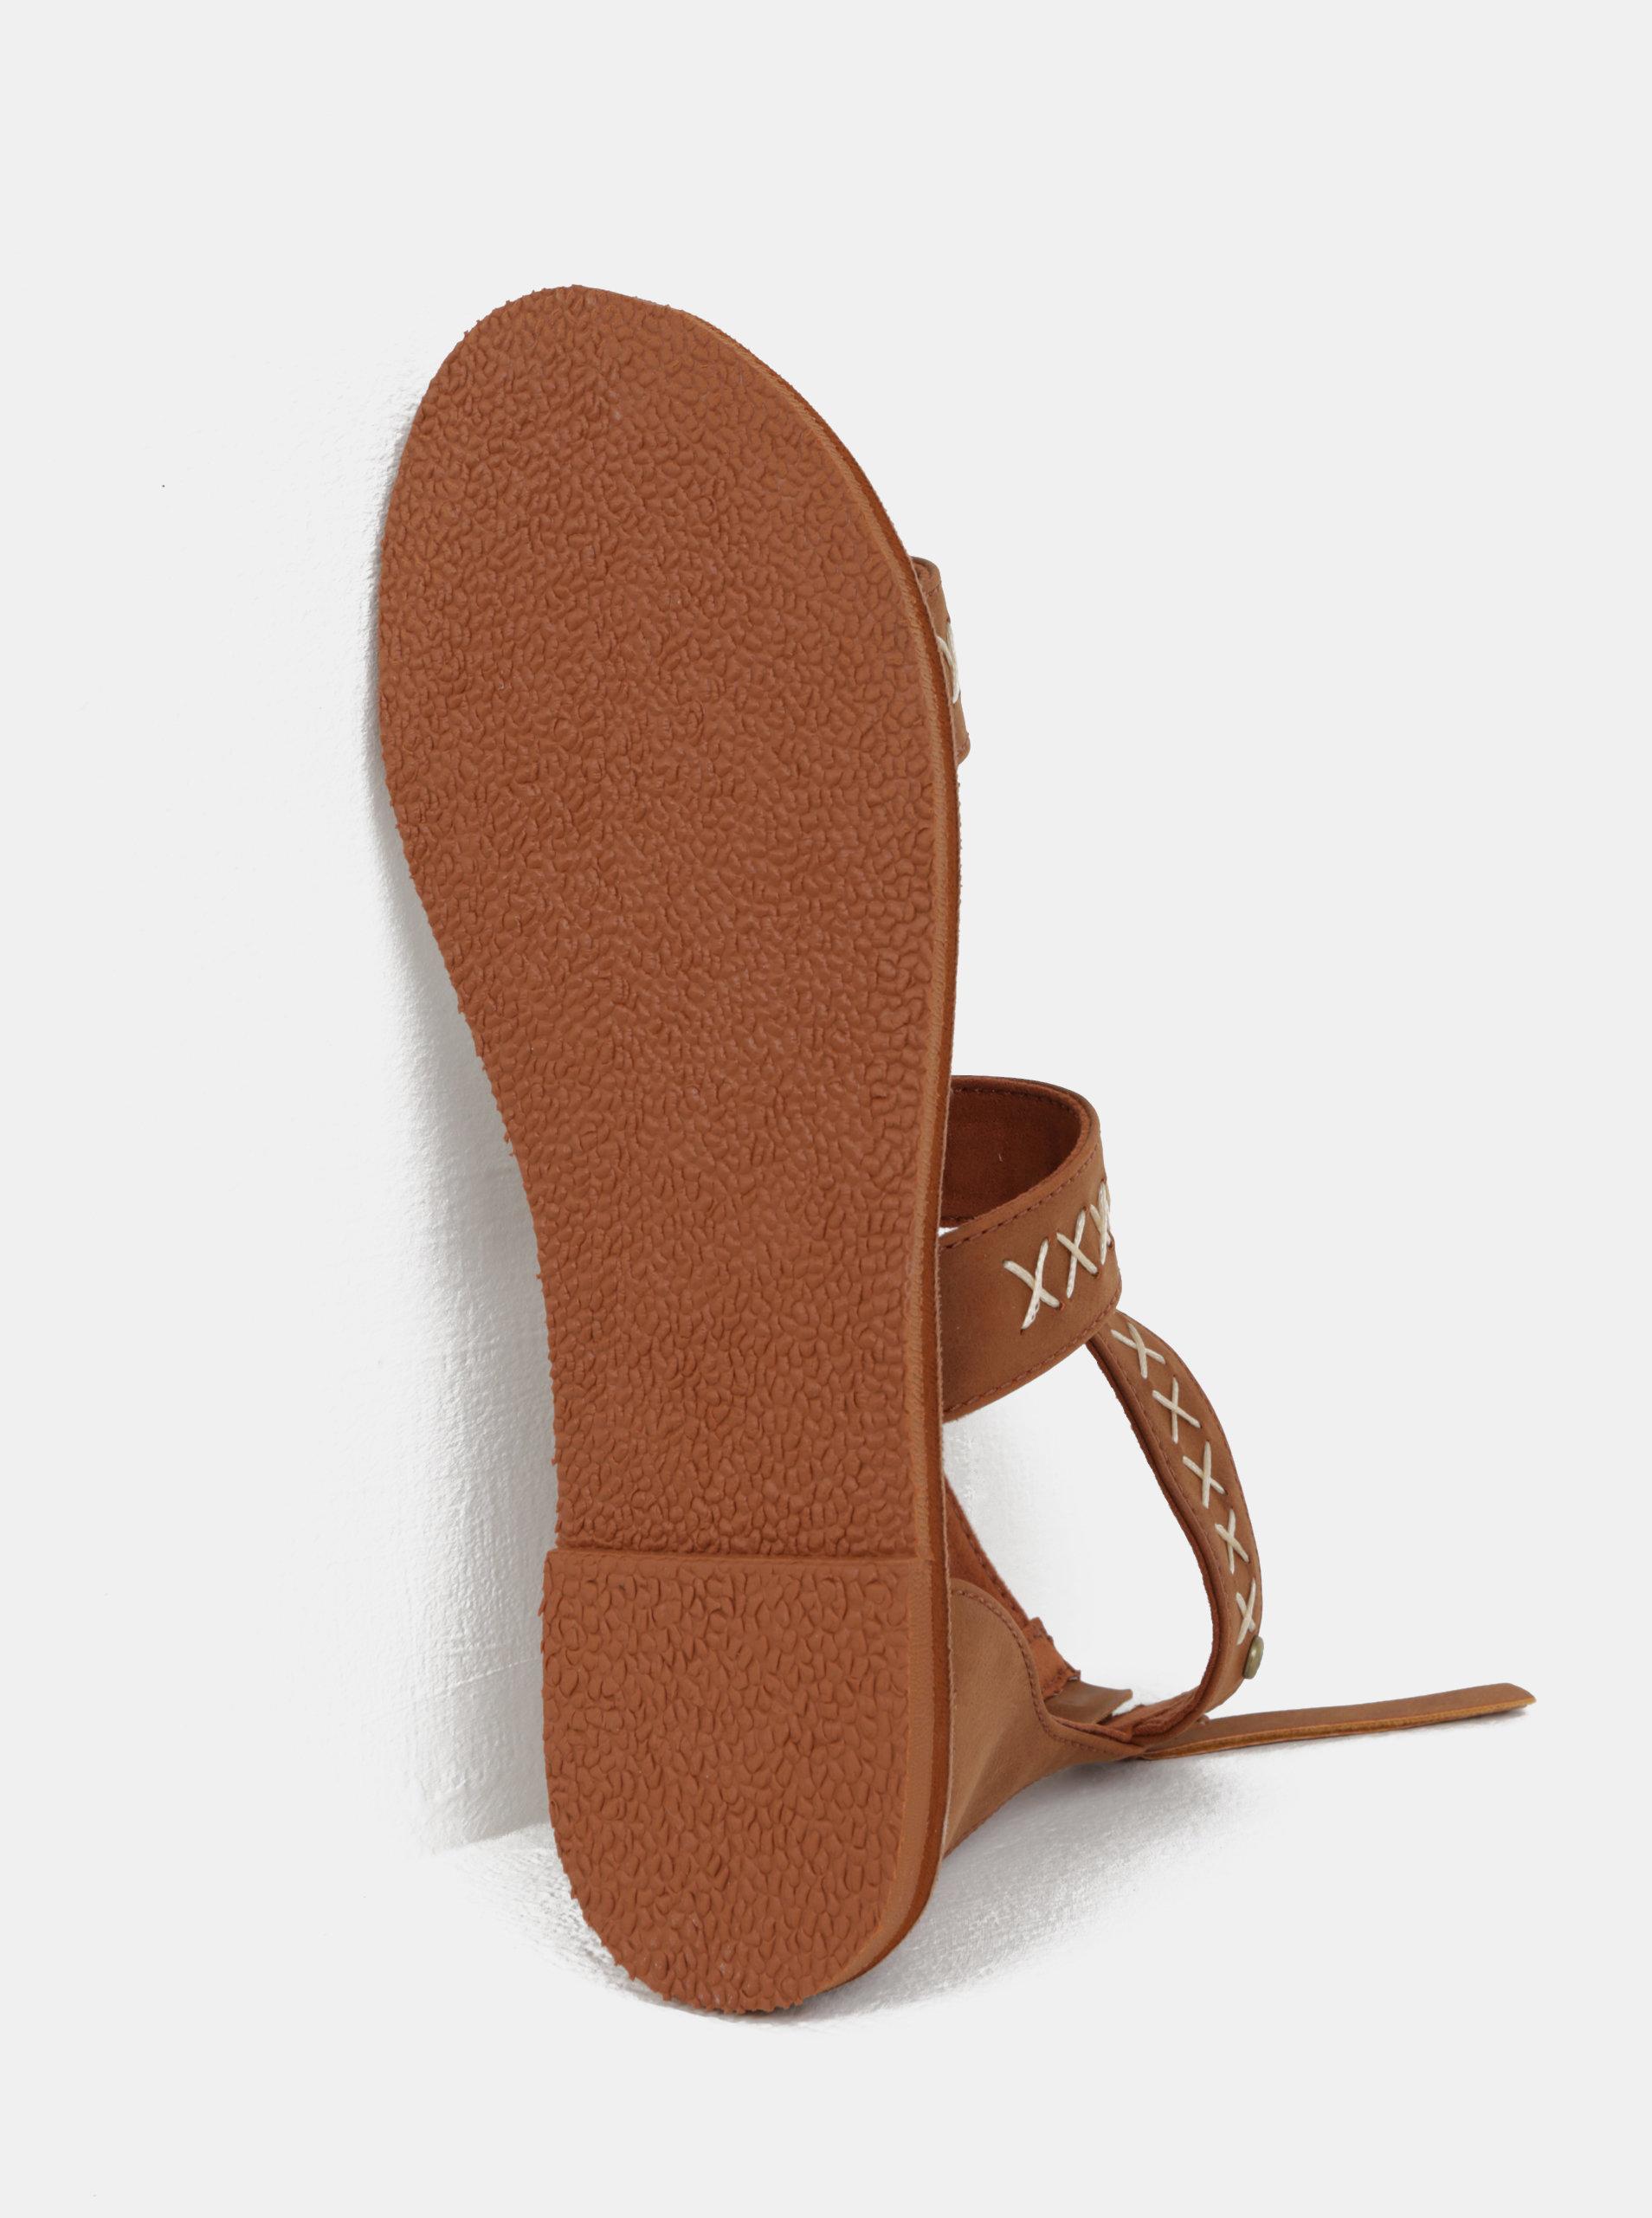 Hnedé dámske sandále s prešívaným vzorom Roxy Natalie ... b9a2992964